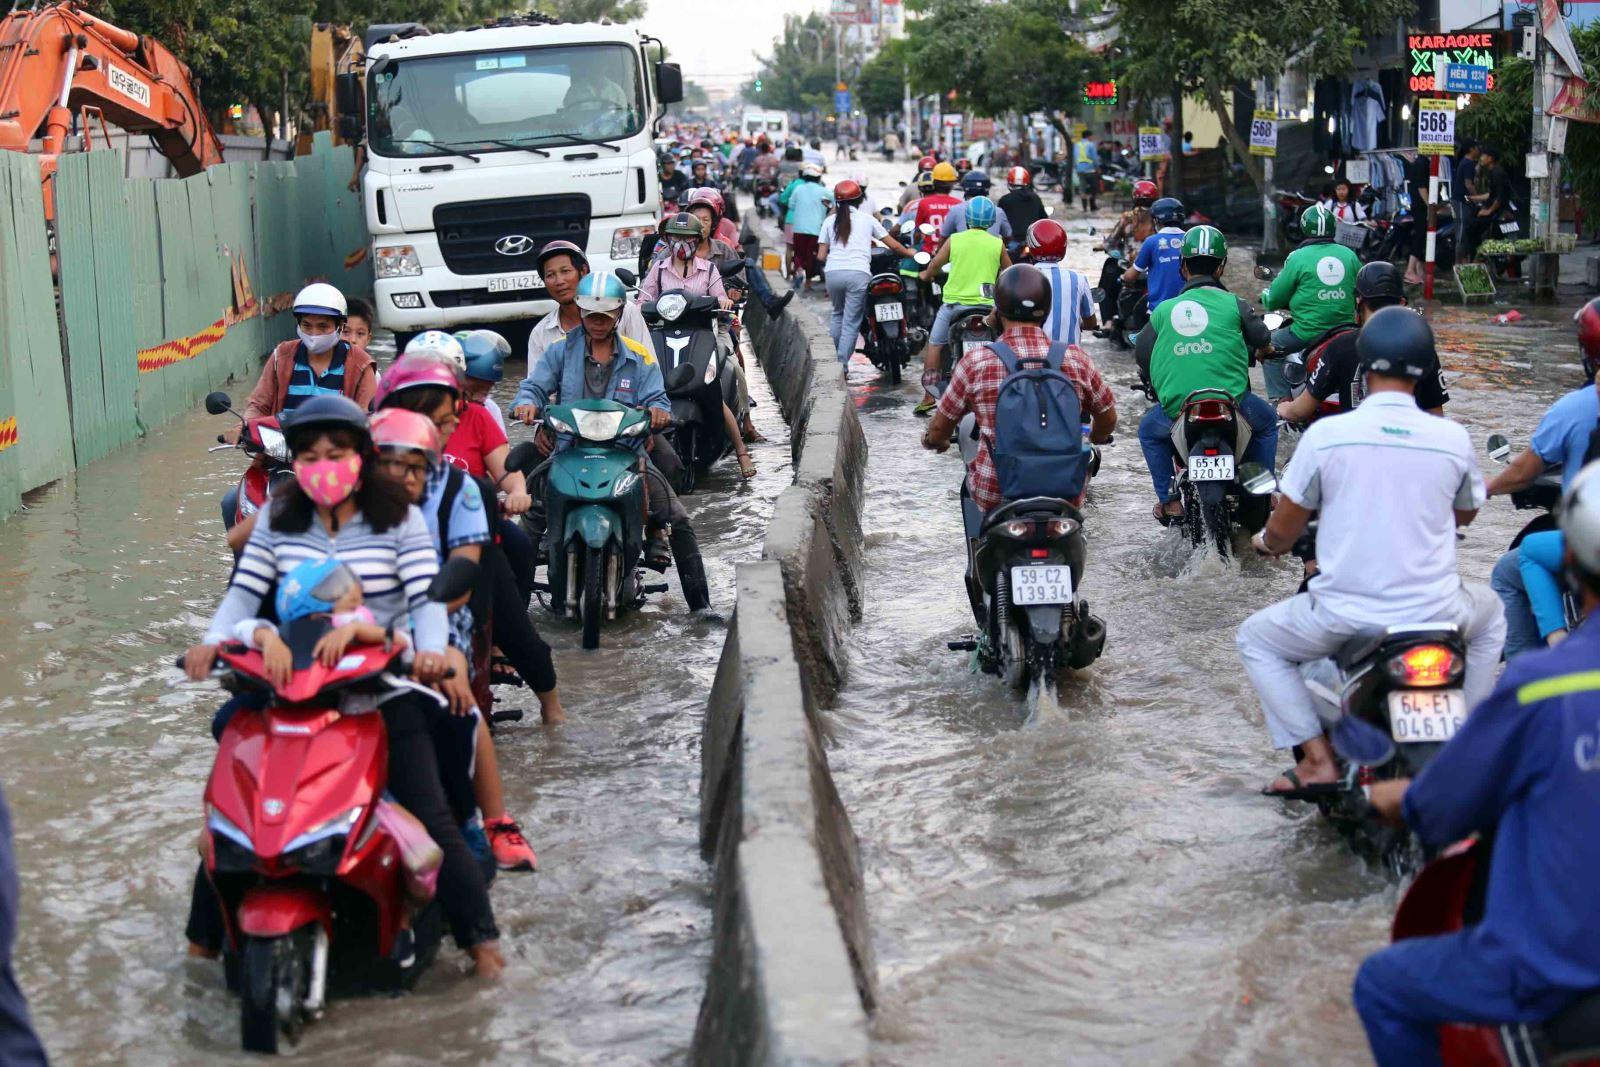 Triều cường lên cao, TP Hồ Chí Minh đối mặt với ngập úng nghiêm trọng - Hình 1